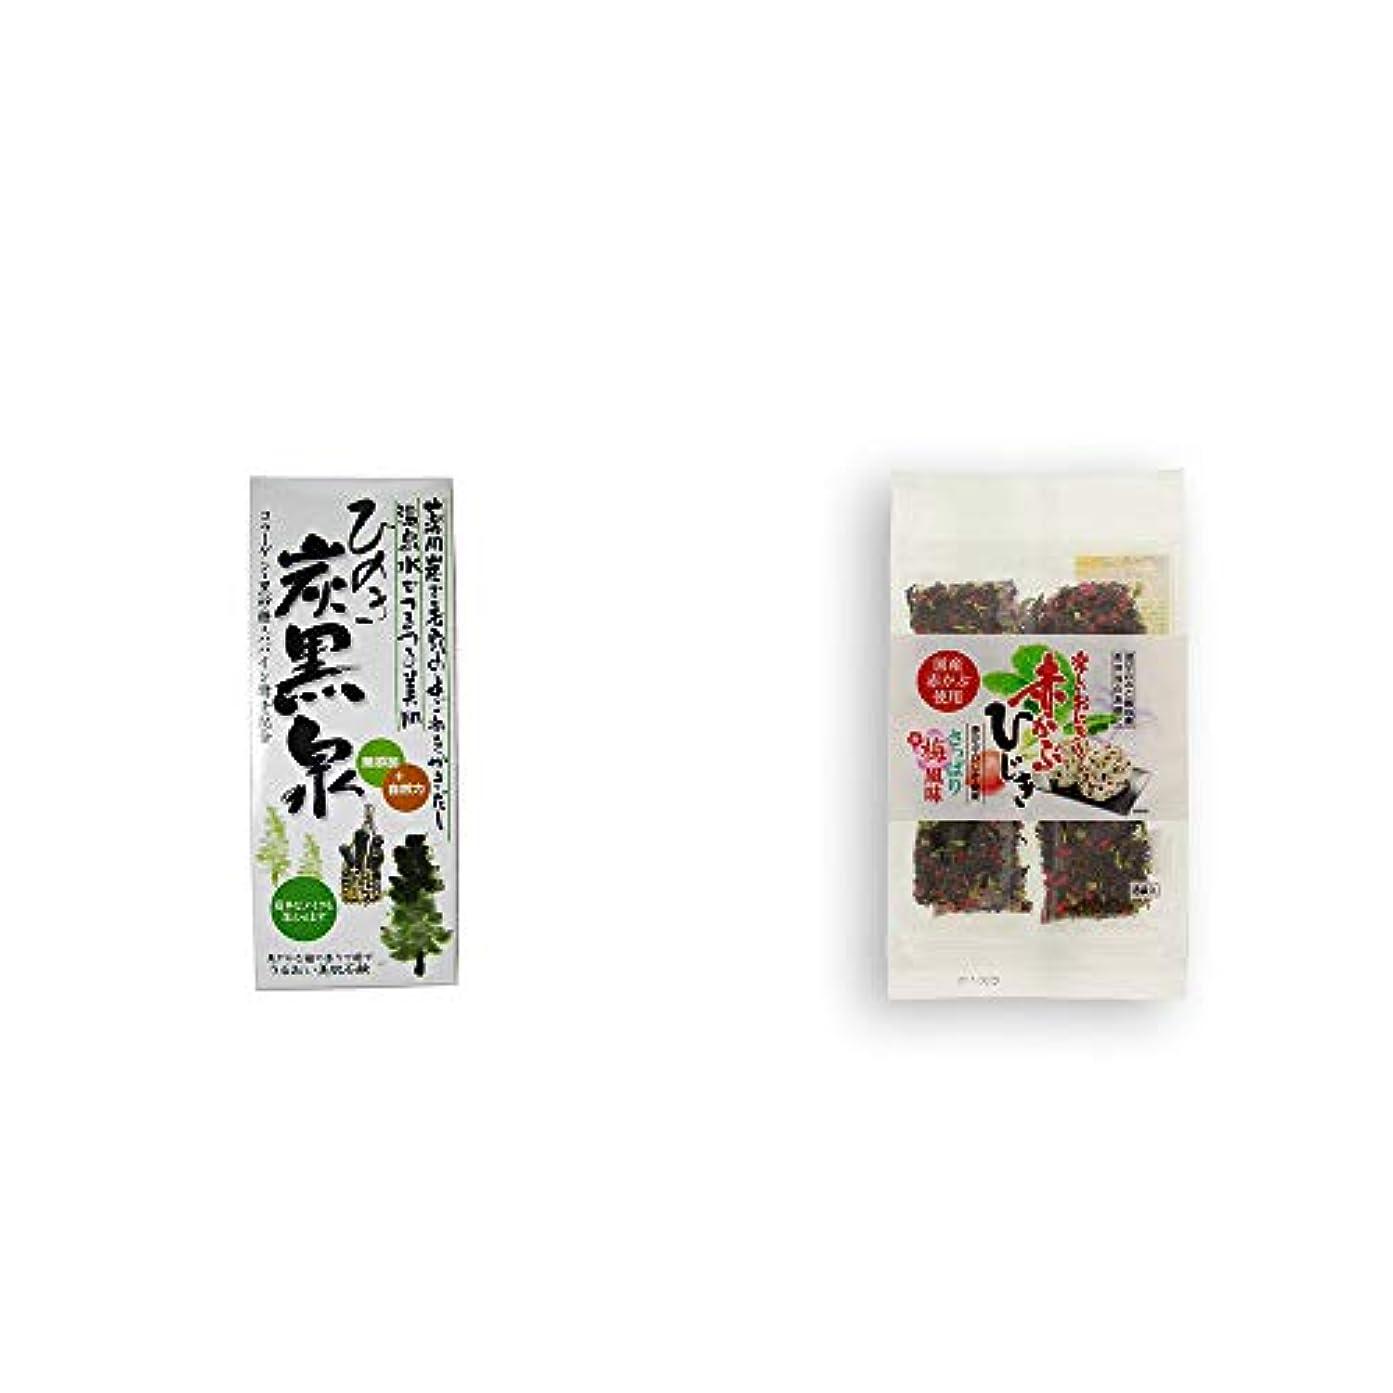 不可能な隙間自伝[2点セット] ひのき炭黒泉 箱入り(75g×3)?楽しいおにぎり 赤かぶひじき(8g×8袋)